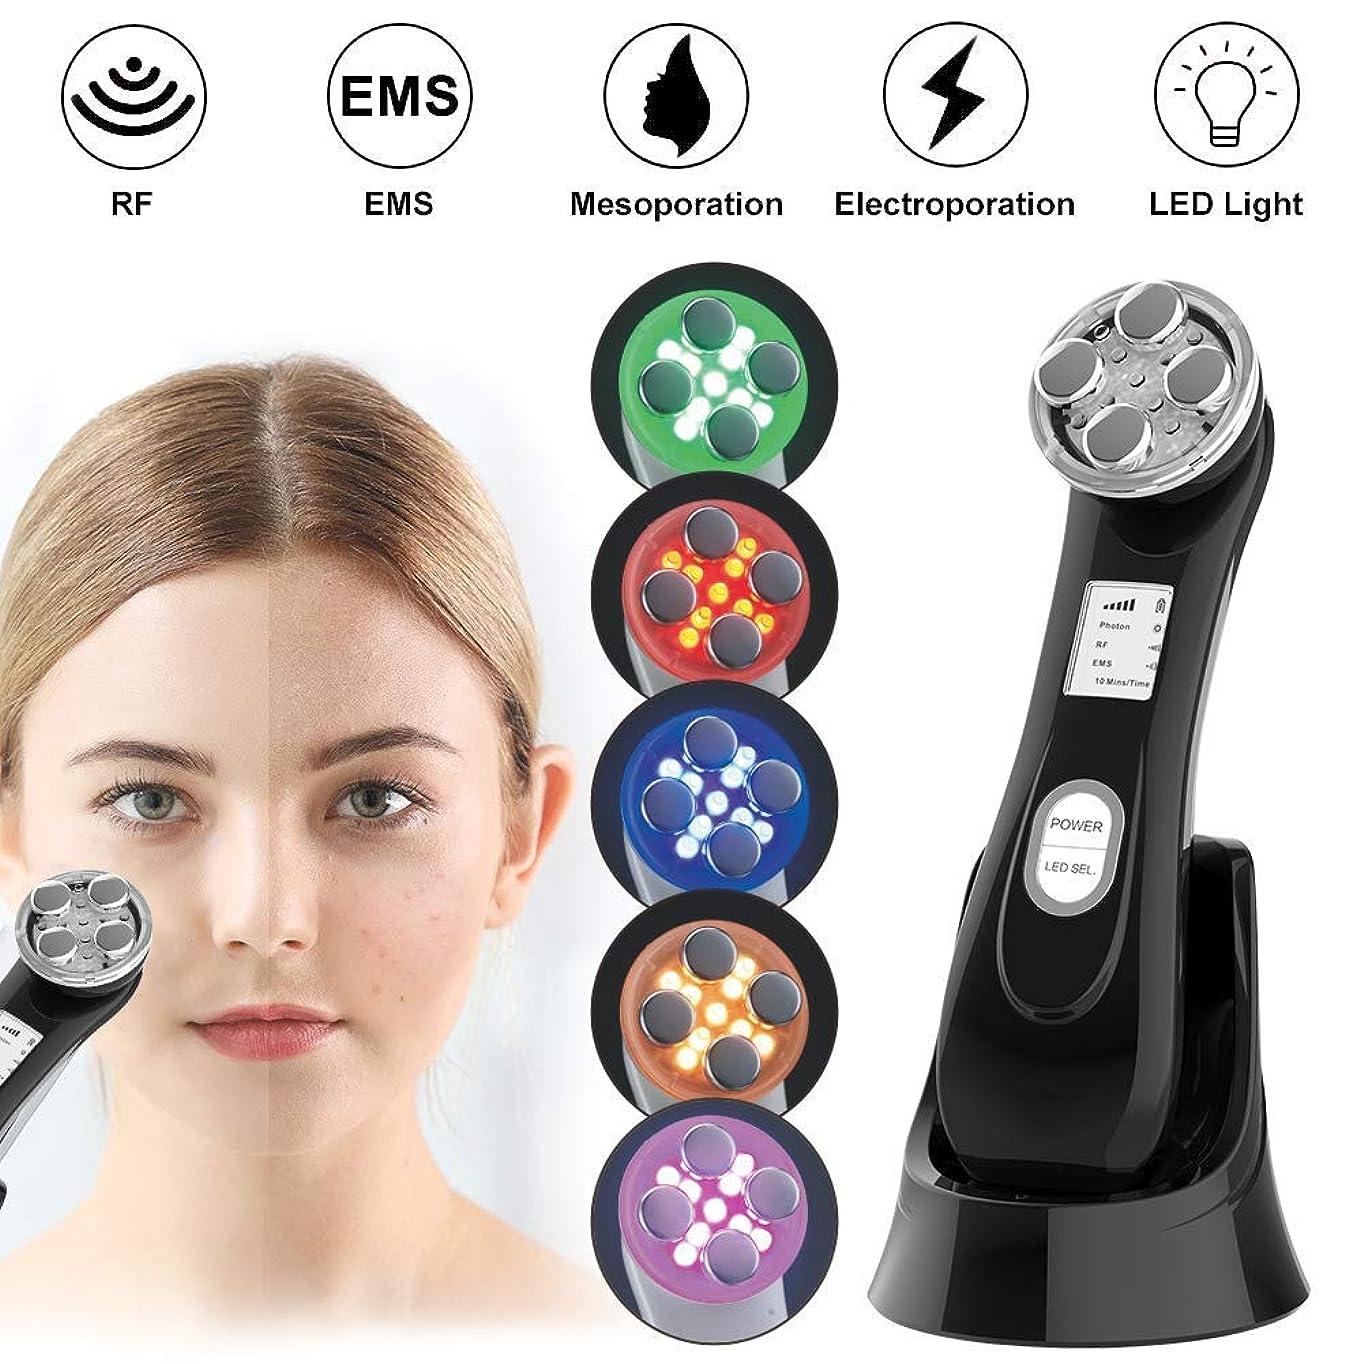 ファンネルウェブスパイダー記者カーテン肌の引き締め機、しわ除去機、6 in 1 RF美容アンチエイジングアンチニキビフェイシャルリフティング美容機高周波USB充電式EMS超音波LEDフェイシャルフォトンフェイススキンケア